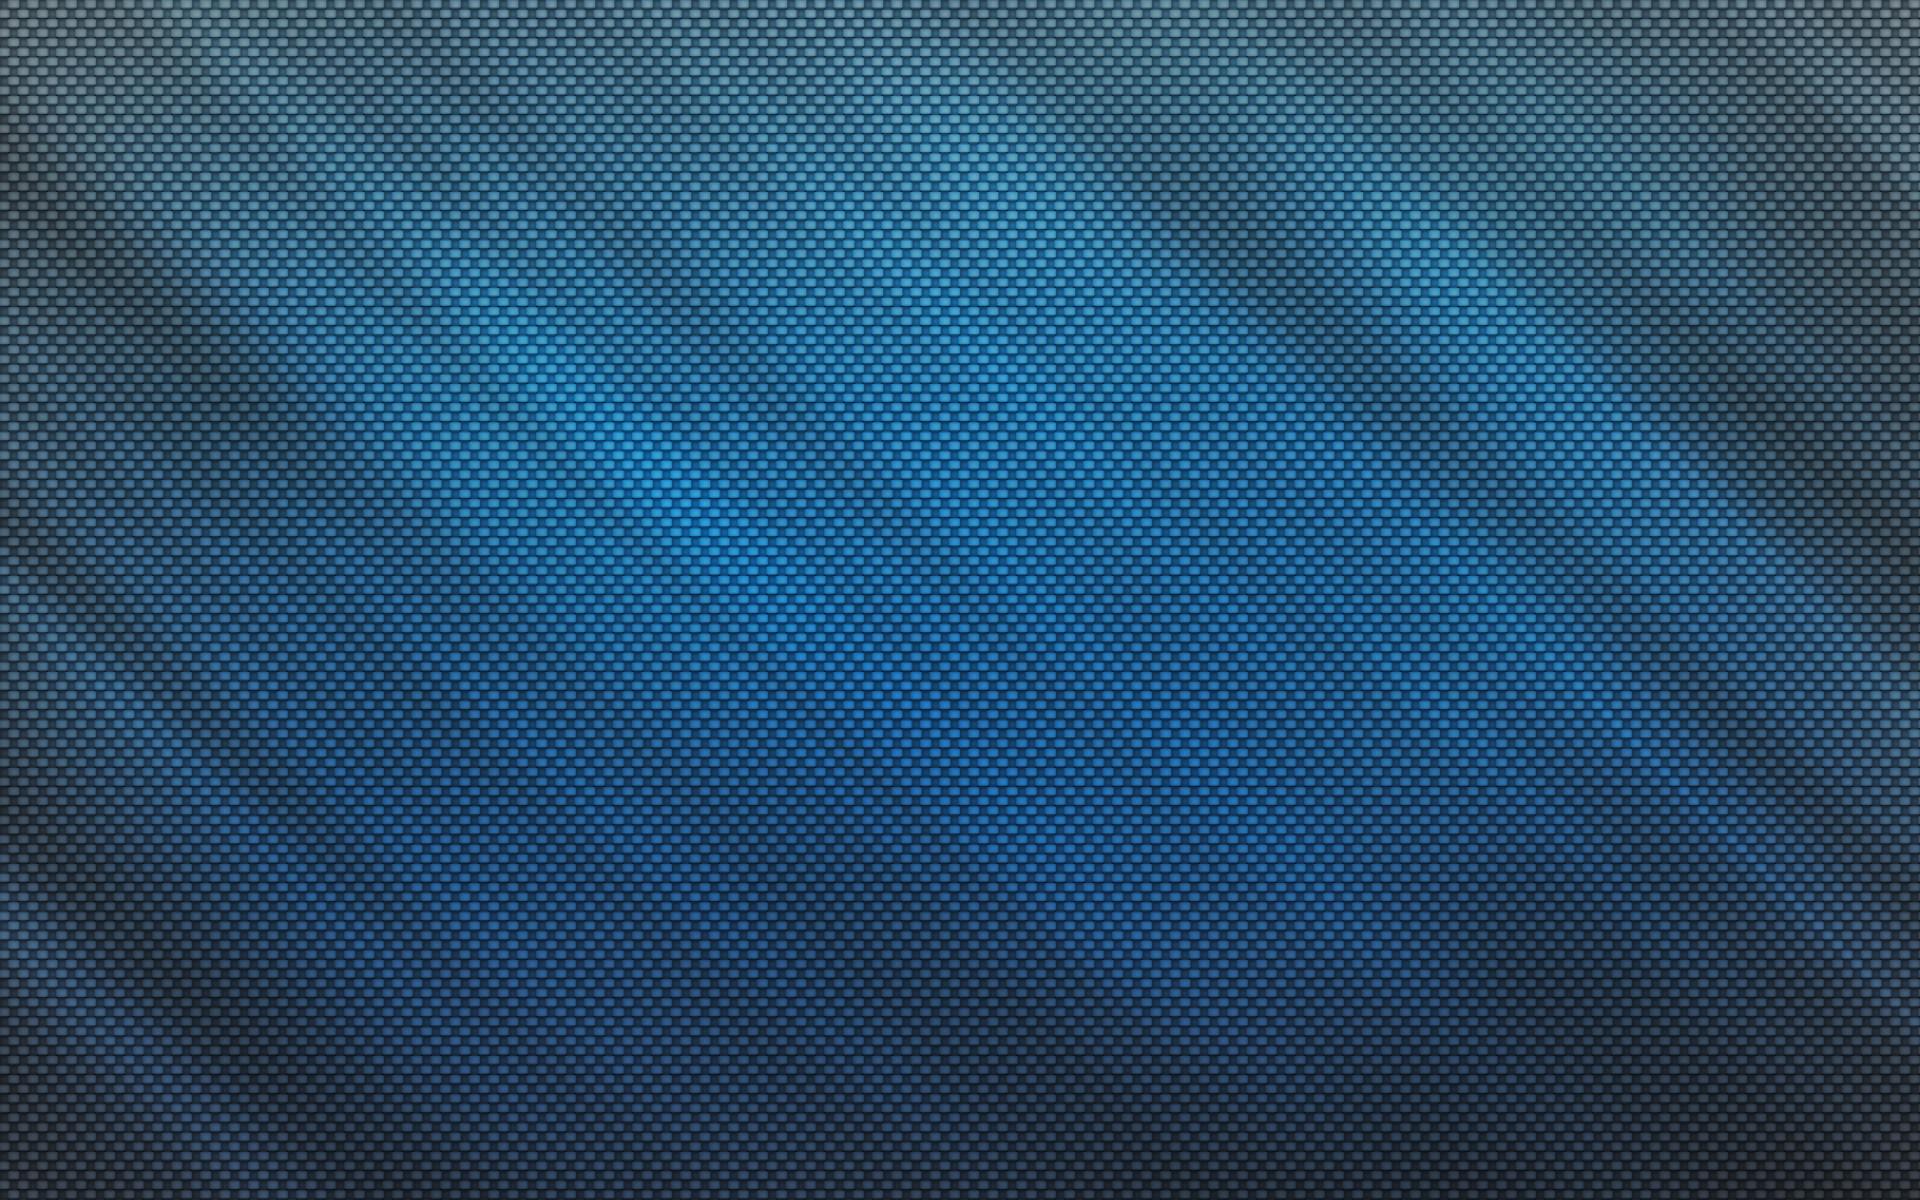 … carbon fiber wallpaper for desktop background 2048×1536 2085 …